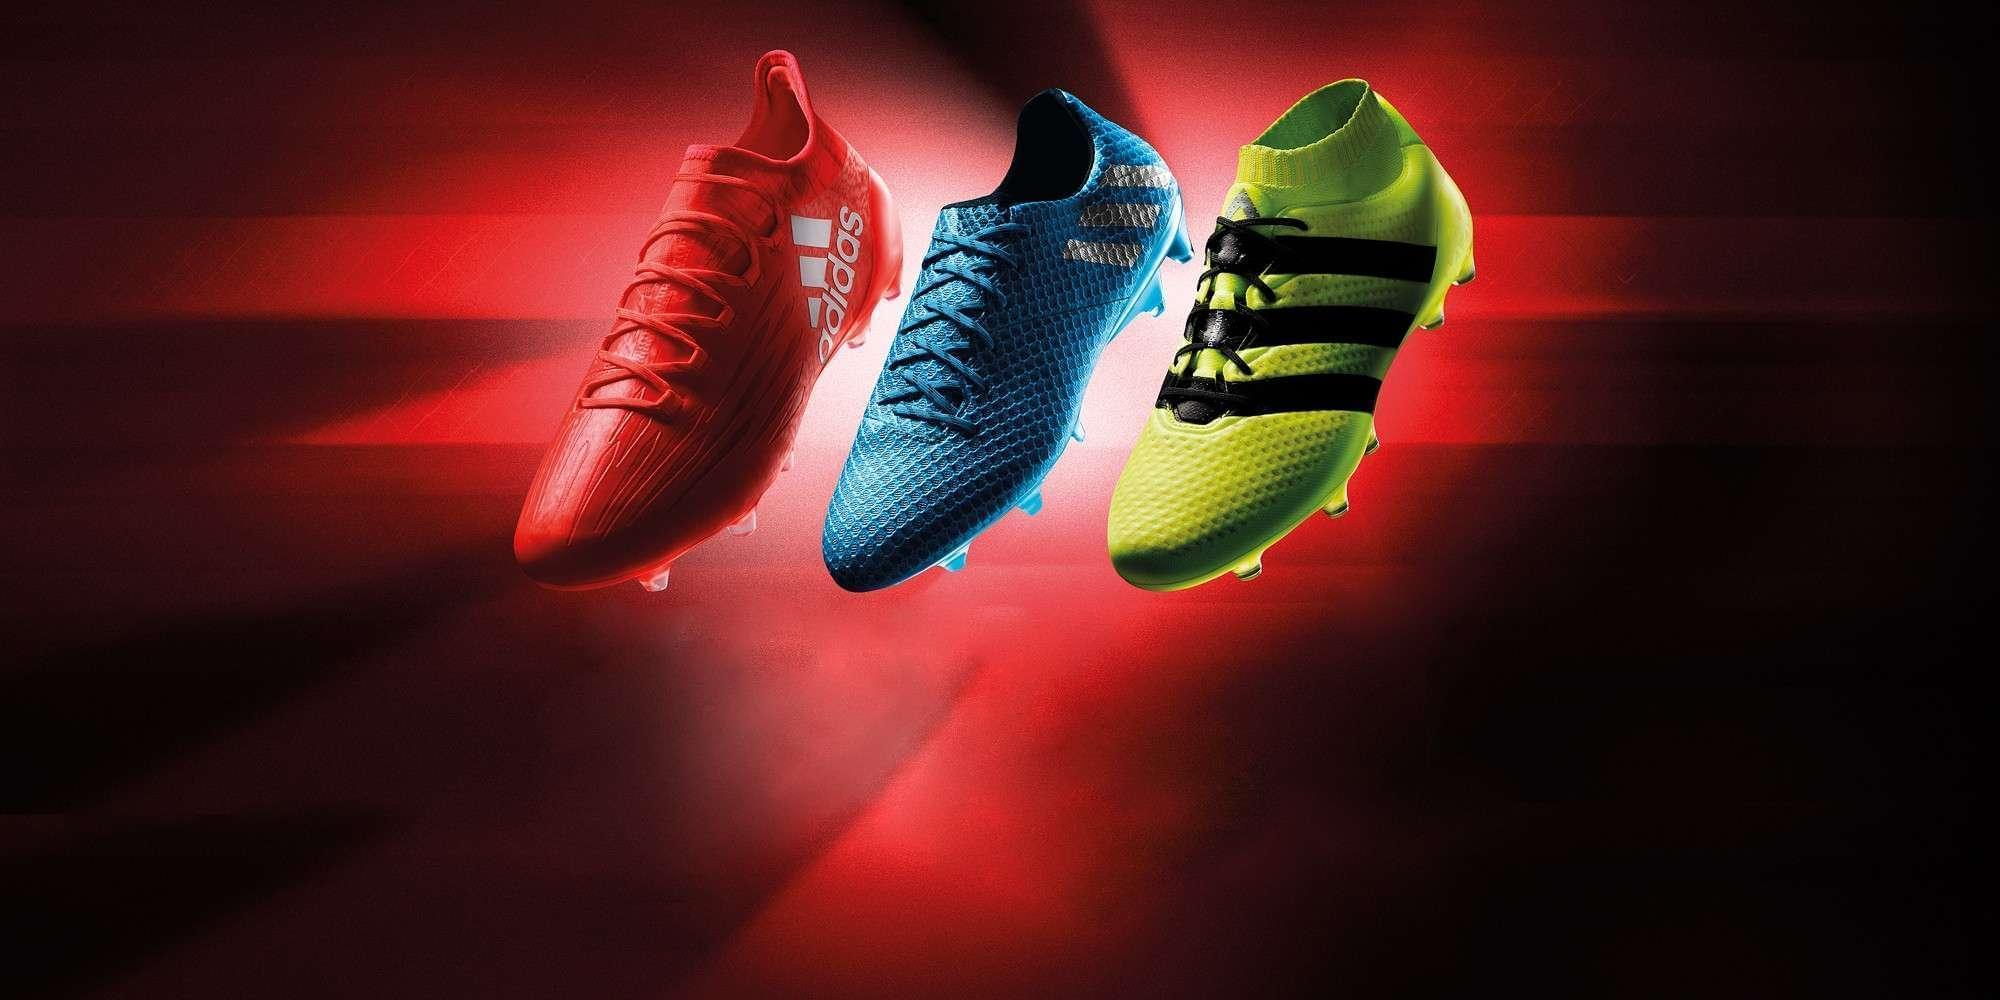 Adidas Speed Of Light